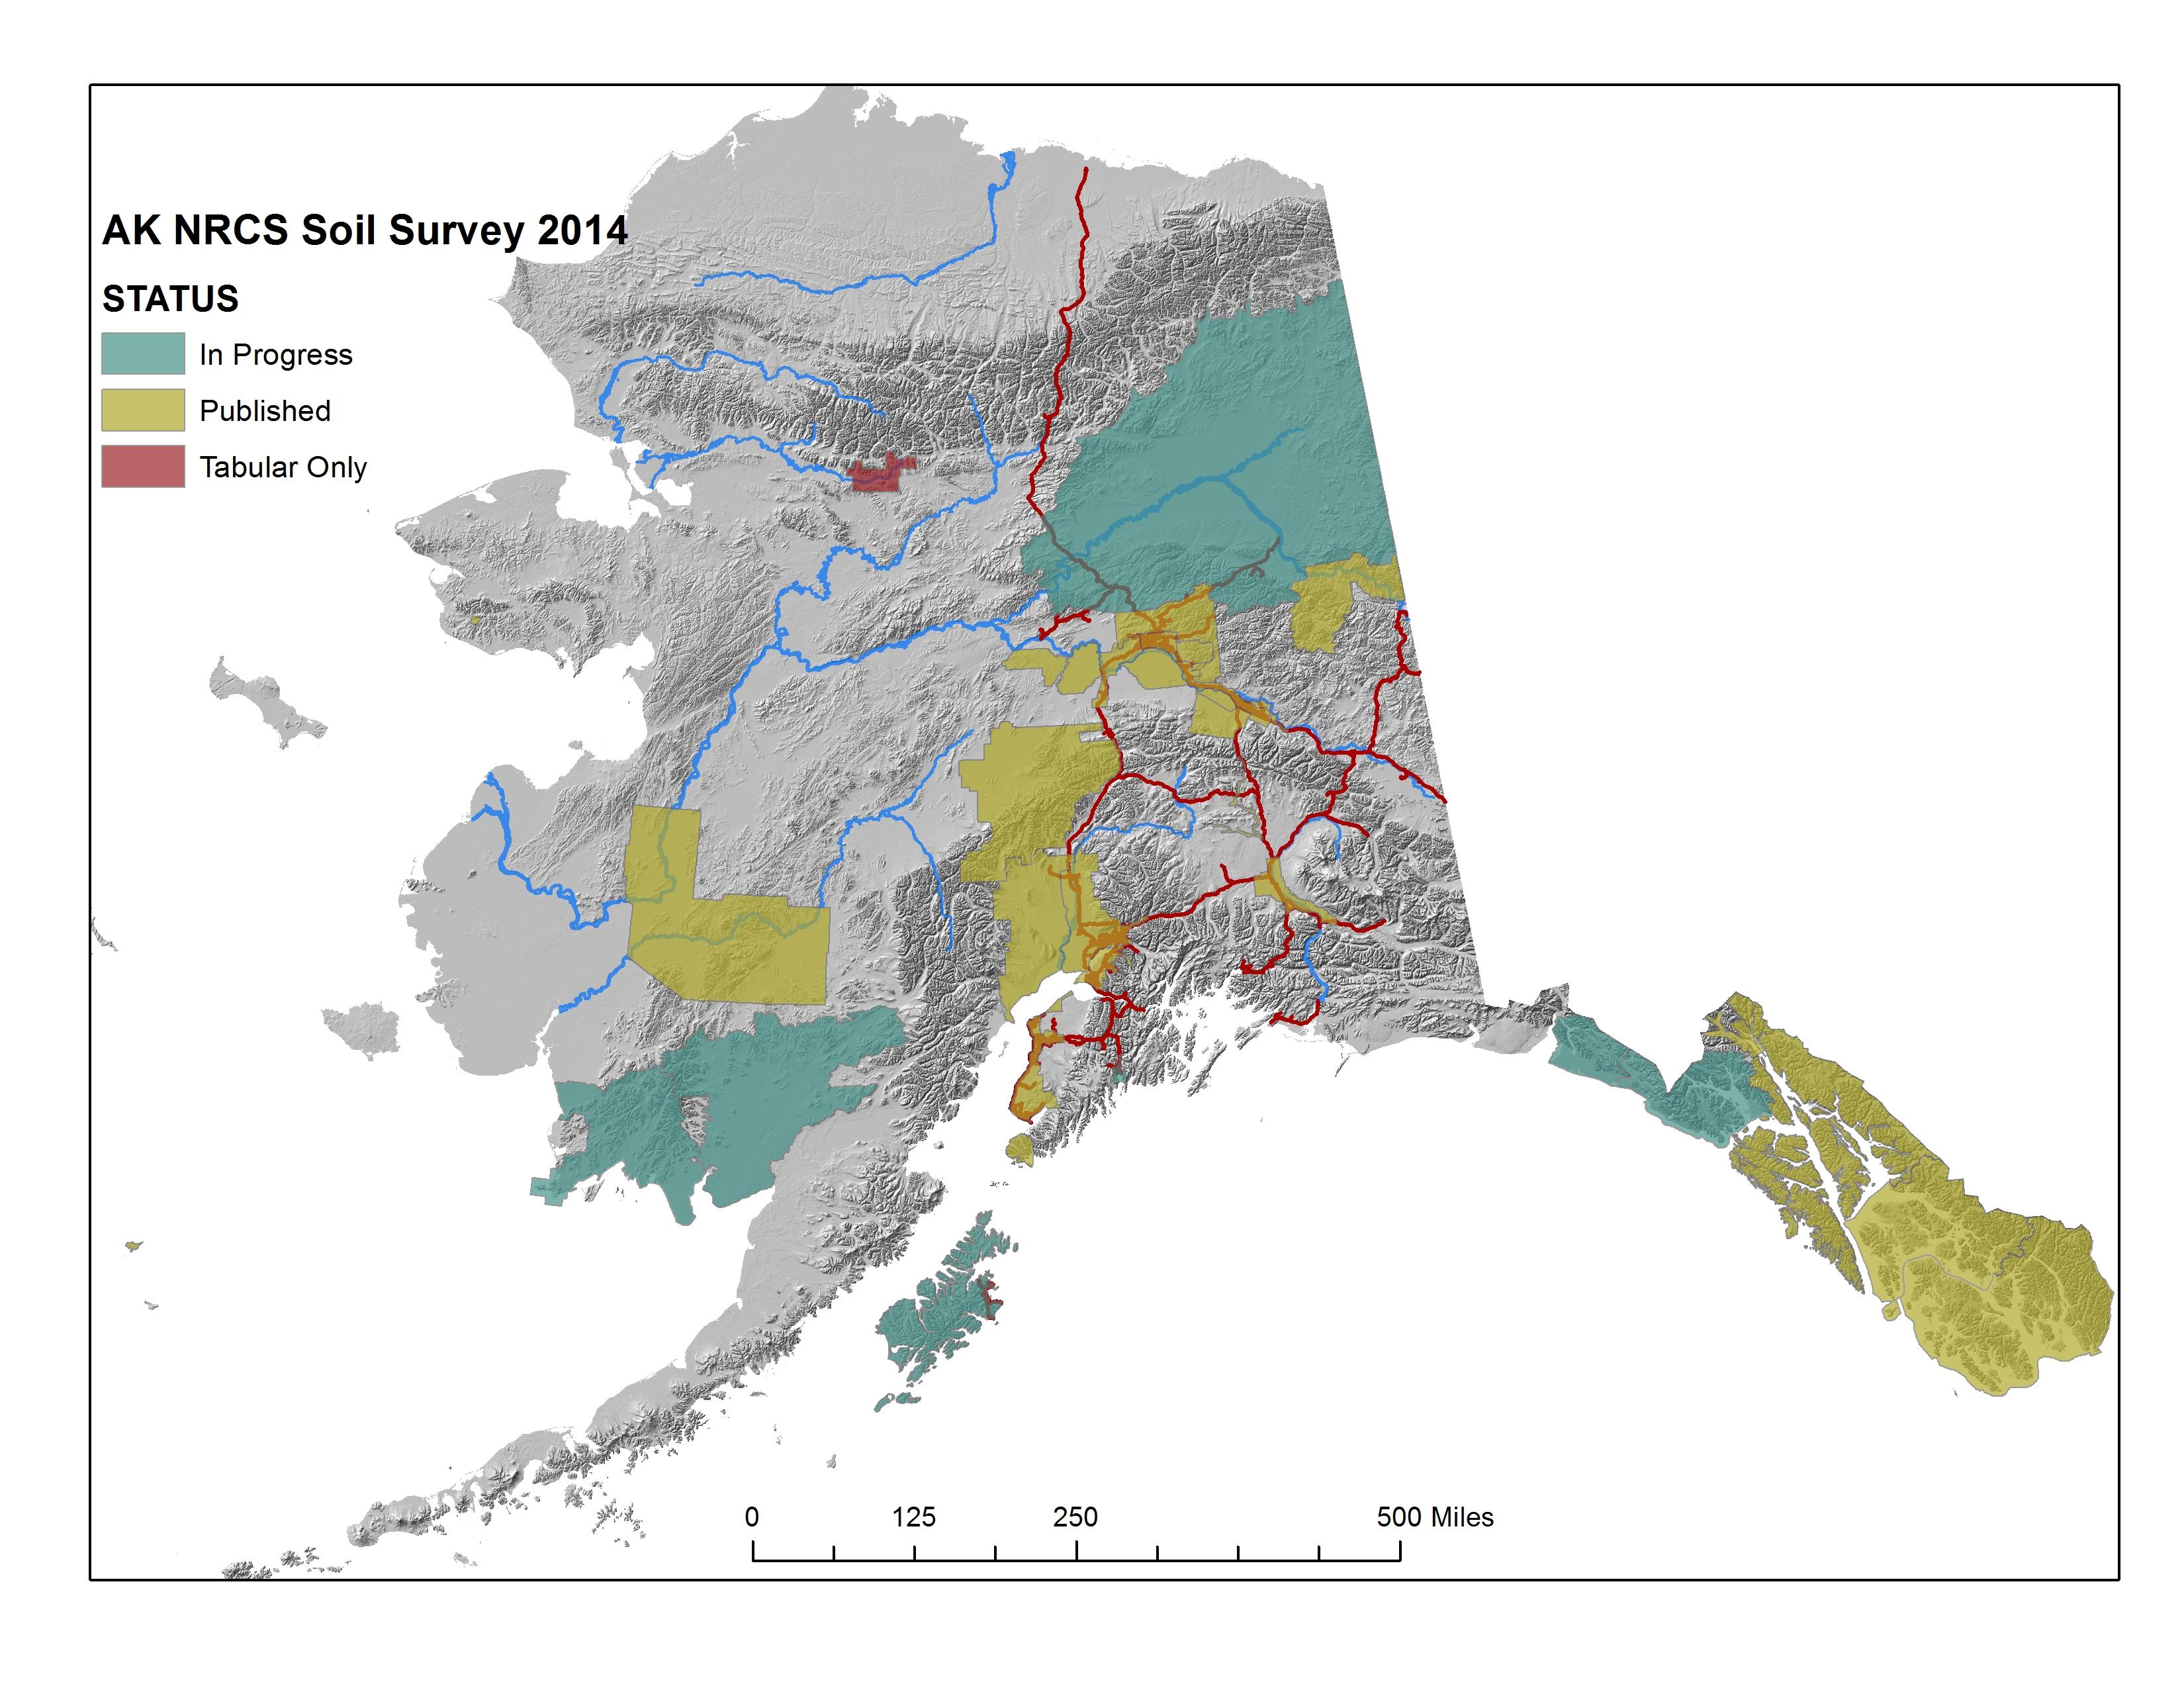 Soil Surveys Nrcs Alaska